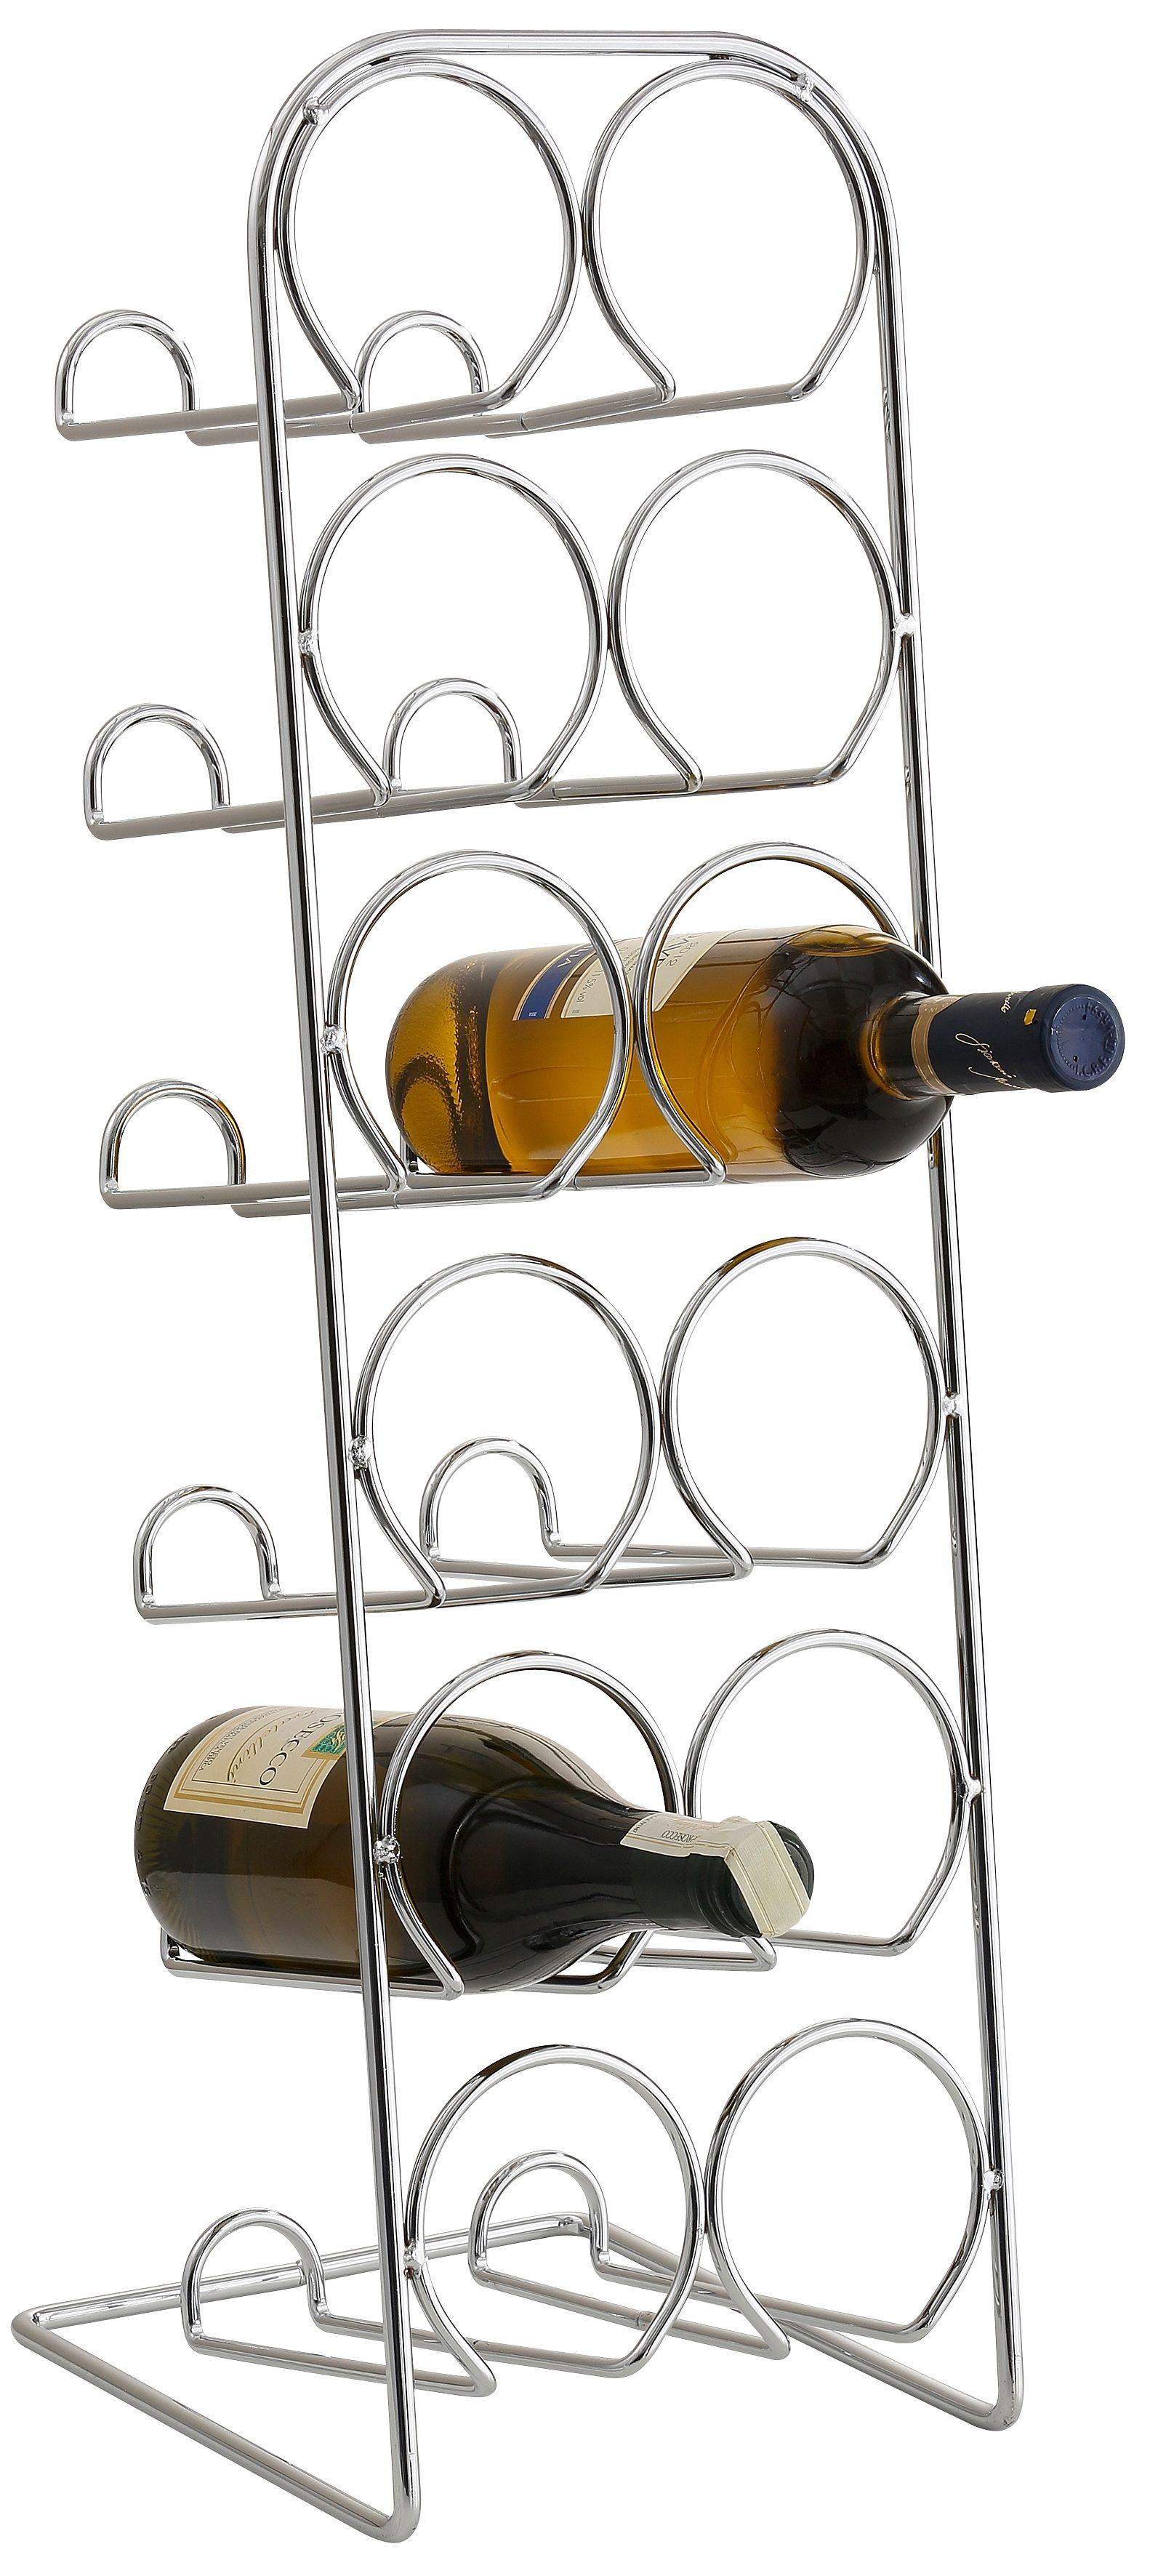 Home affaire Flaschenhalter aus verchromtem Metall, für 12 Flaschen